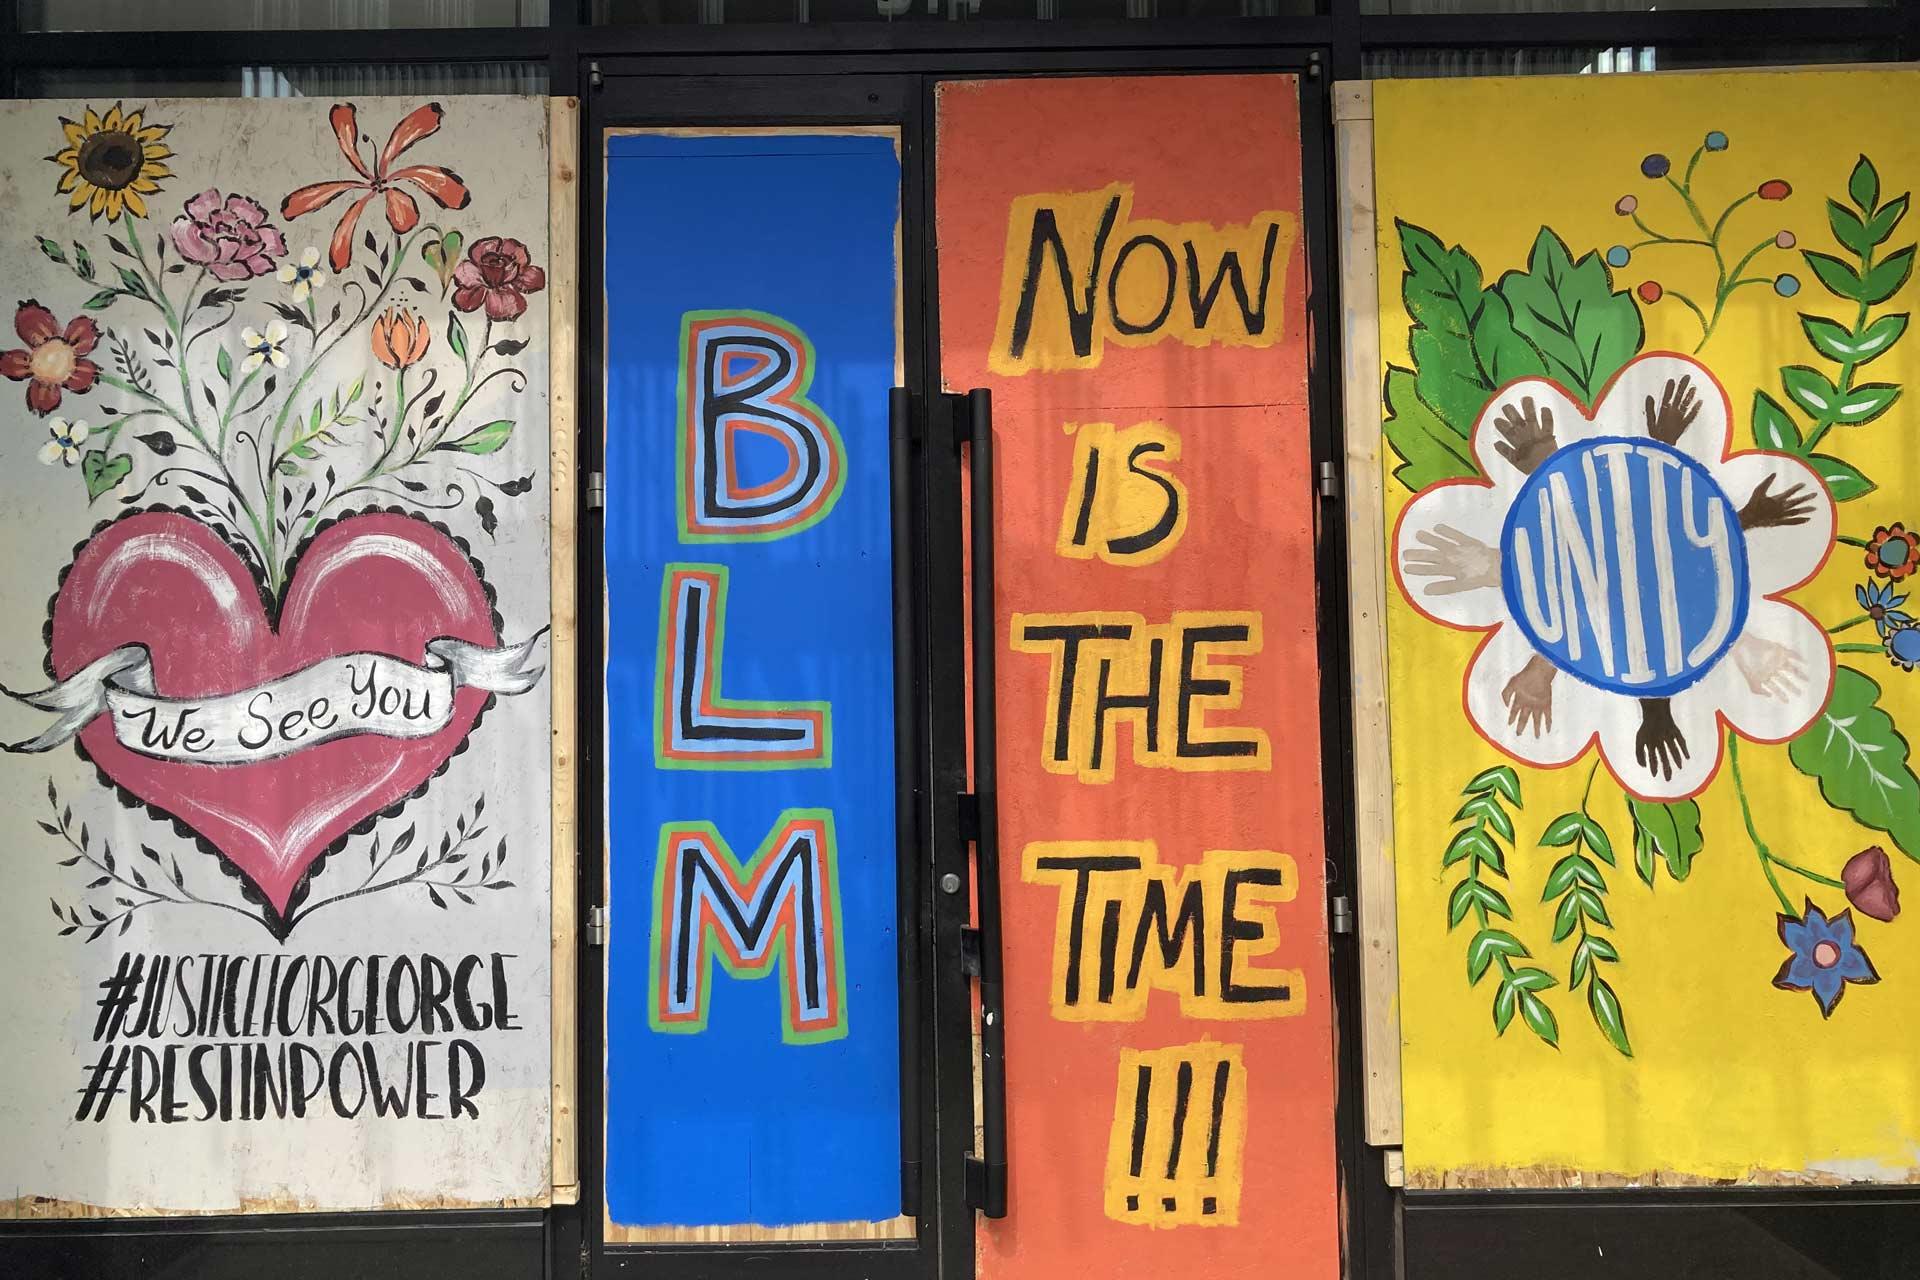 BLM graffiti